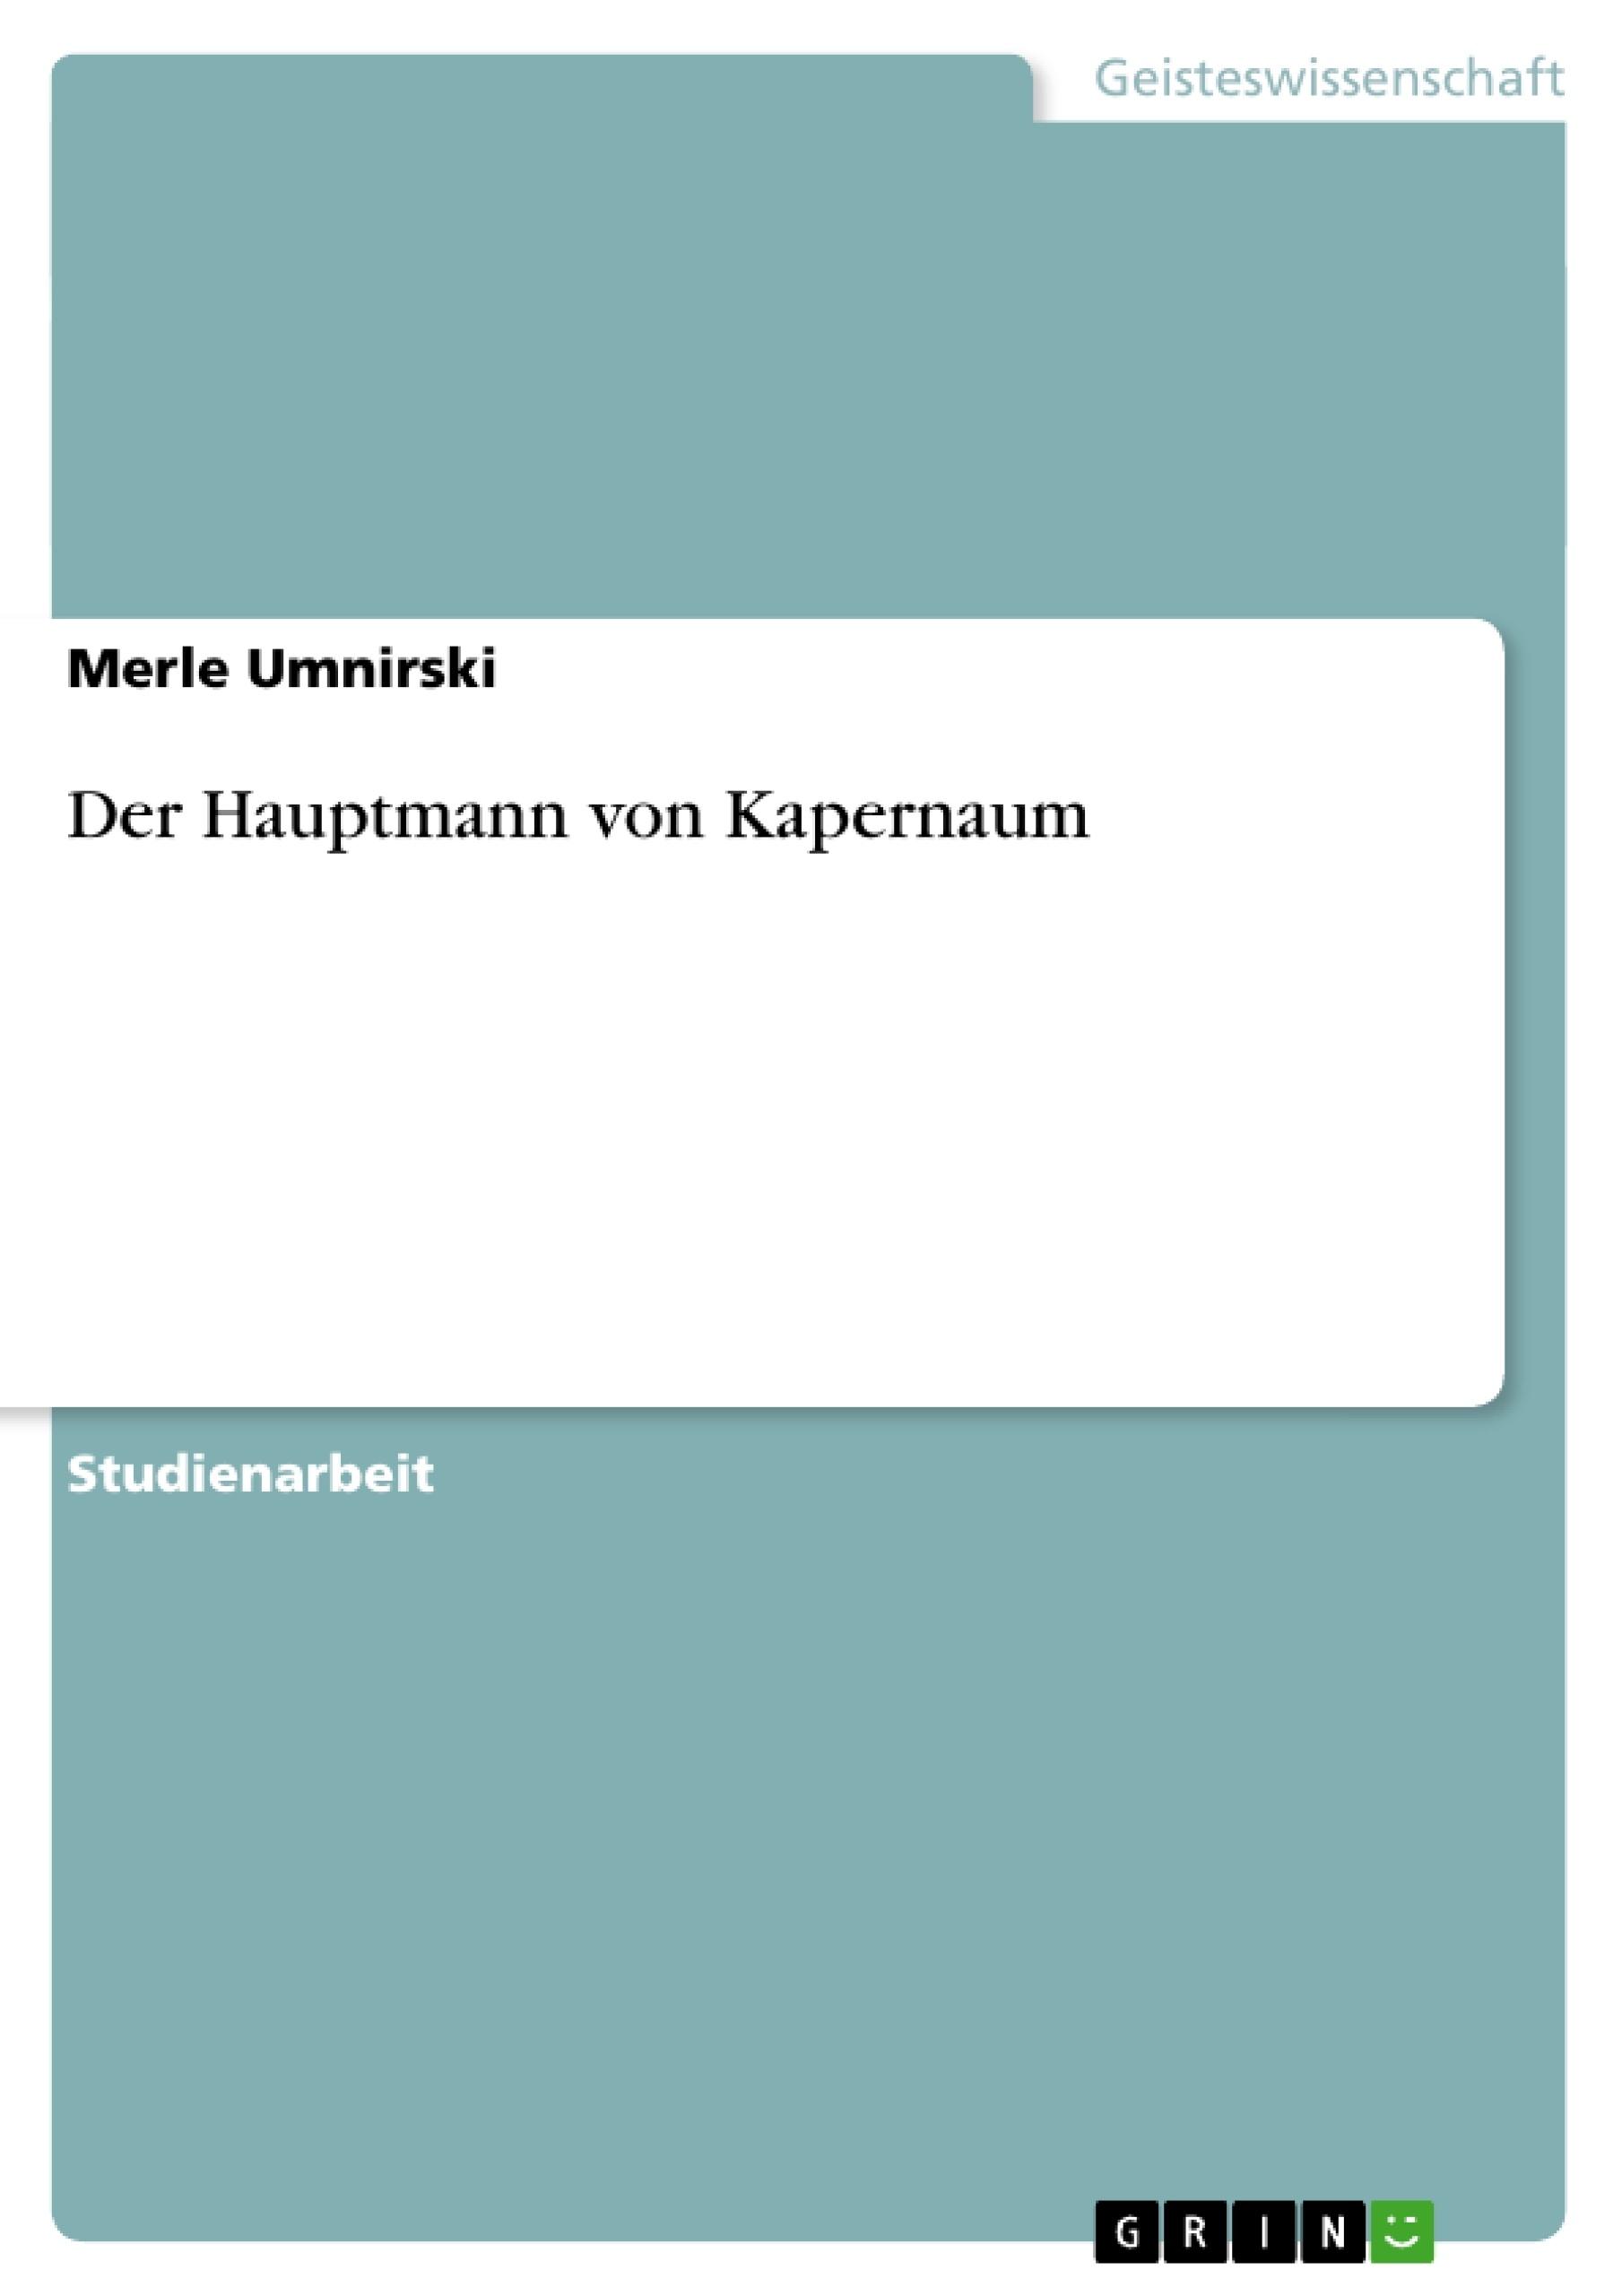 Titel: Der Hauptmann von Kapernaum